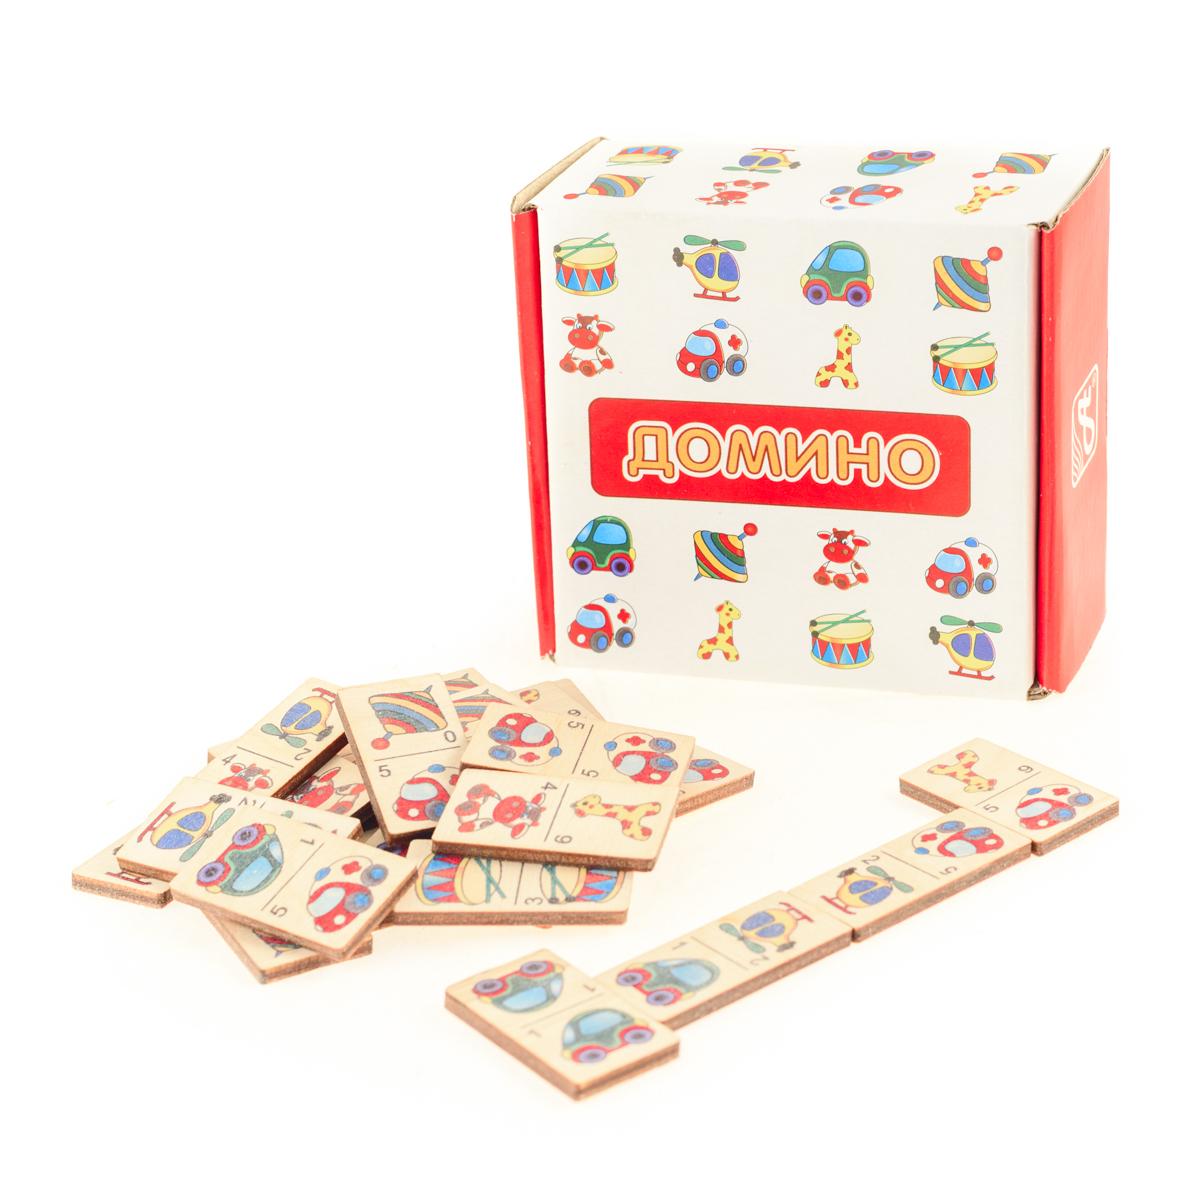 Развивающие деревянные игрушки Домино ИгрушкиД430аДомино для детей — игрушка, необходимая каждому ребёнку. Играя, малыш развивает целый спектр навыков: моторику, логику, воображение, а также изучает окружающий мир, счёт, арифметику и цвета. Рисунки на каждой фишке — яркие и понятные. В домино можно играть не только дома, но и эффективно использовать для занятий в детском саду. ВНИМАНИЕ! Детали игрушки выполнены из натурального дерева (деревоматериала) без покрытия лаками или другими химическими составами. Перед использованием удалите остатки древесины и древесную пыль, тщательно протерев детали игрушки мягкой тканью!